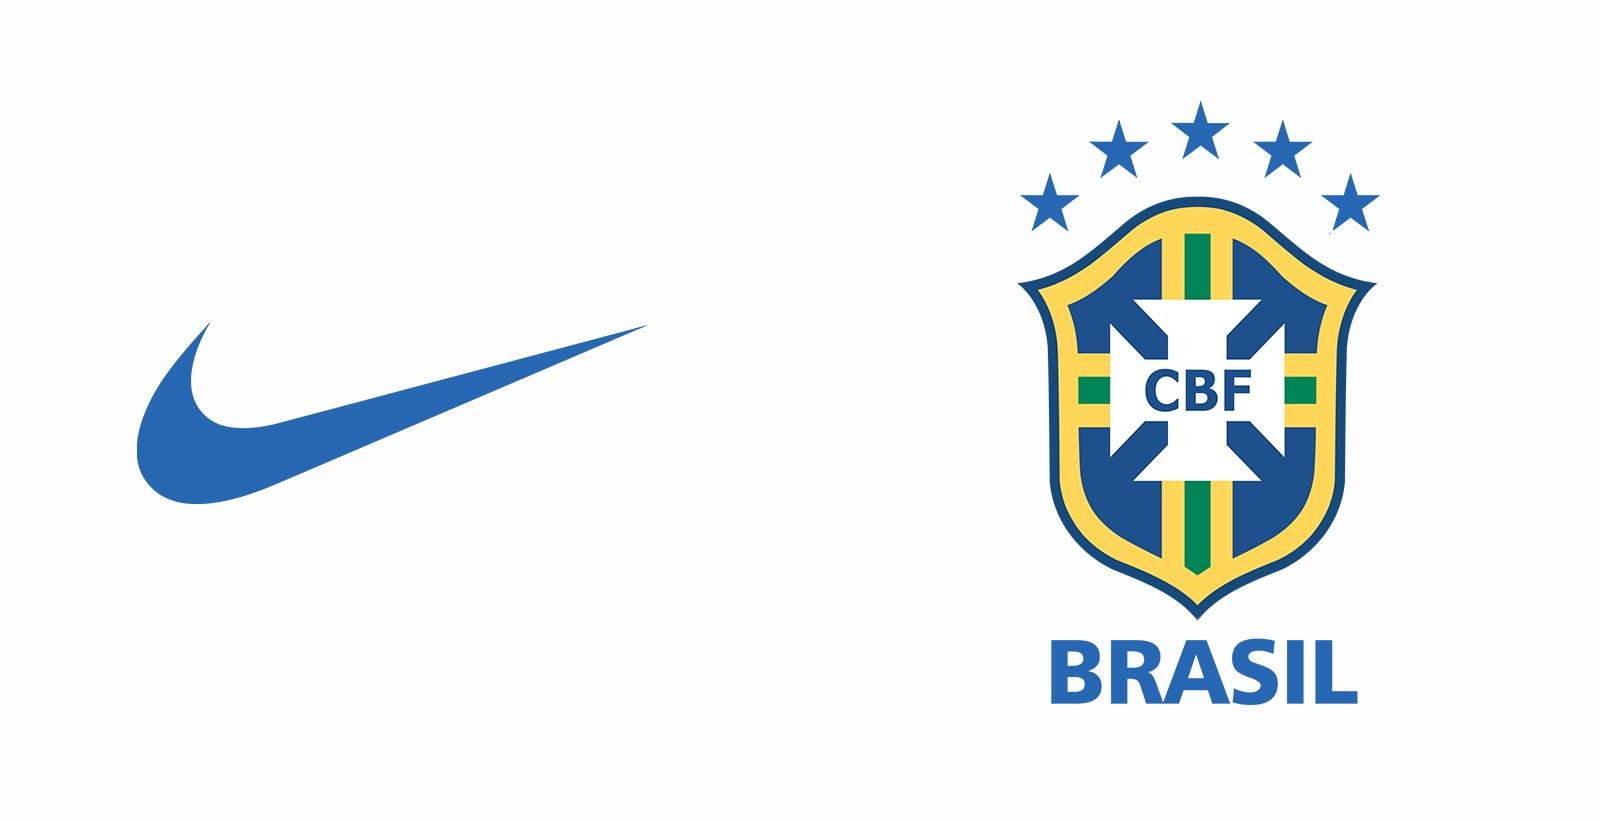 6447fde17f2a8 Seleção Brasileira poderá ter camisa branca em 2019 - Show de Camisas